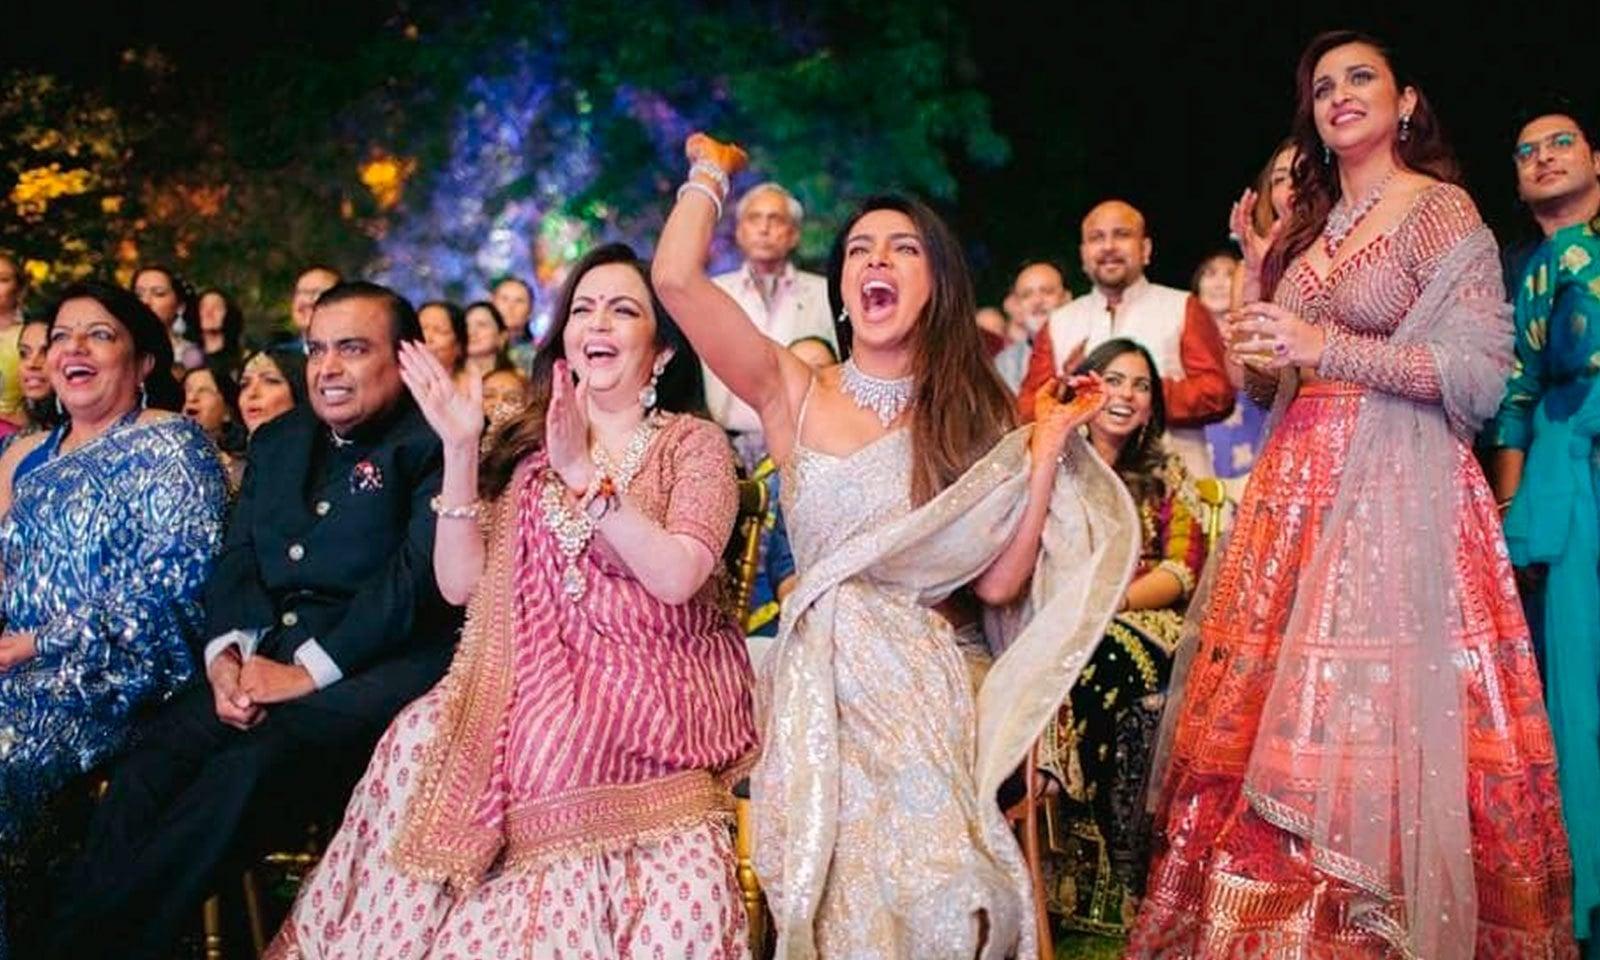 پریانکا چوپڑا کی شادی میں بھارت کے بڑے صنعت کار مکیش امبانی سمیت مشہور شخصیات نے شرکت کی—فوٹو: اے پی